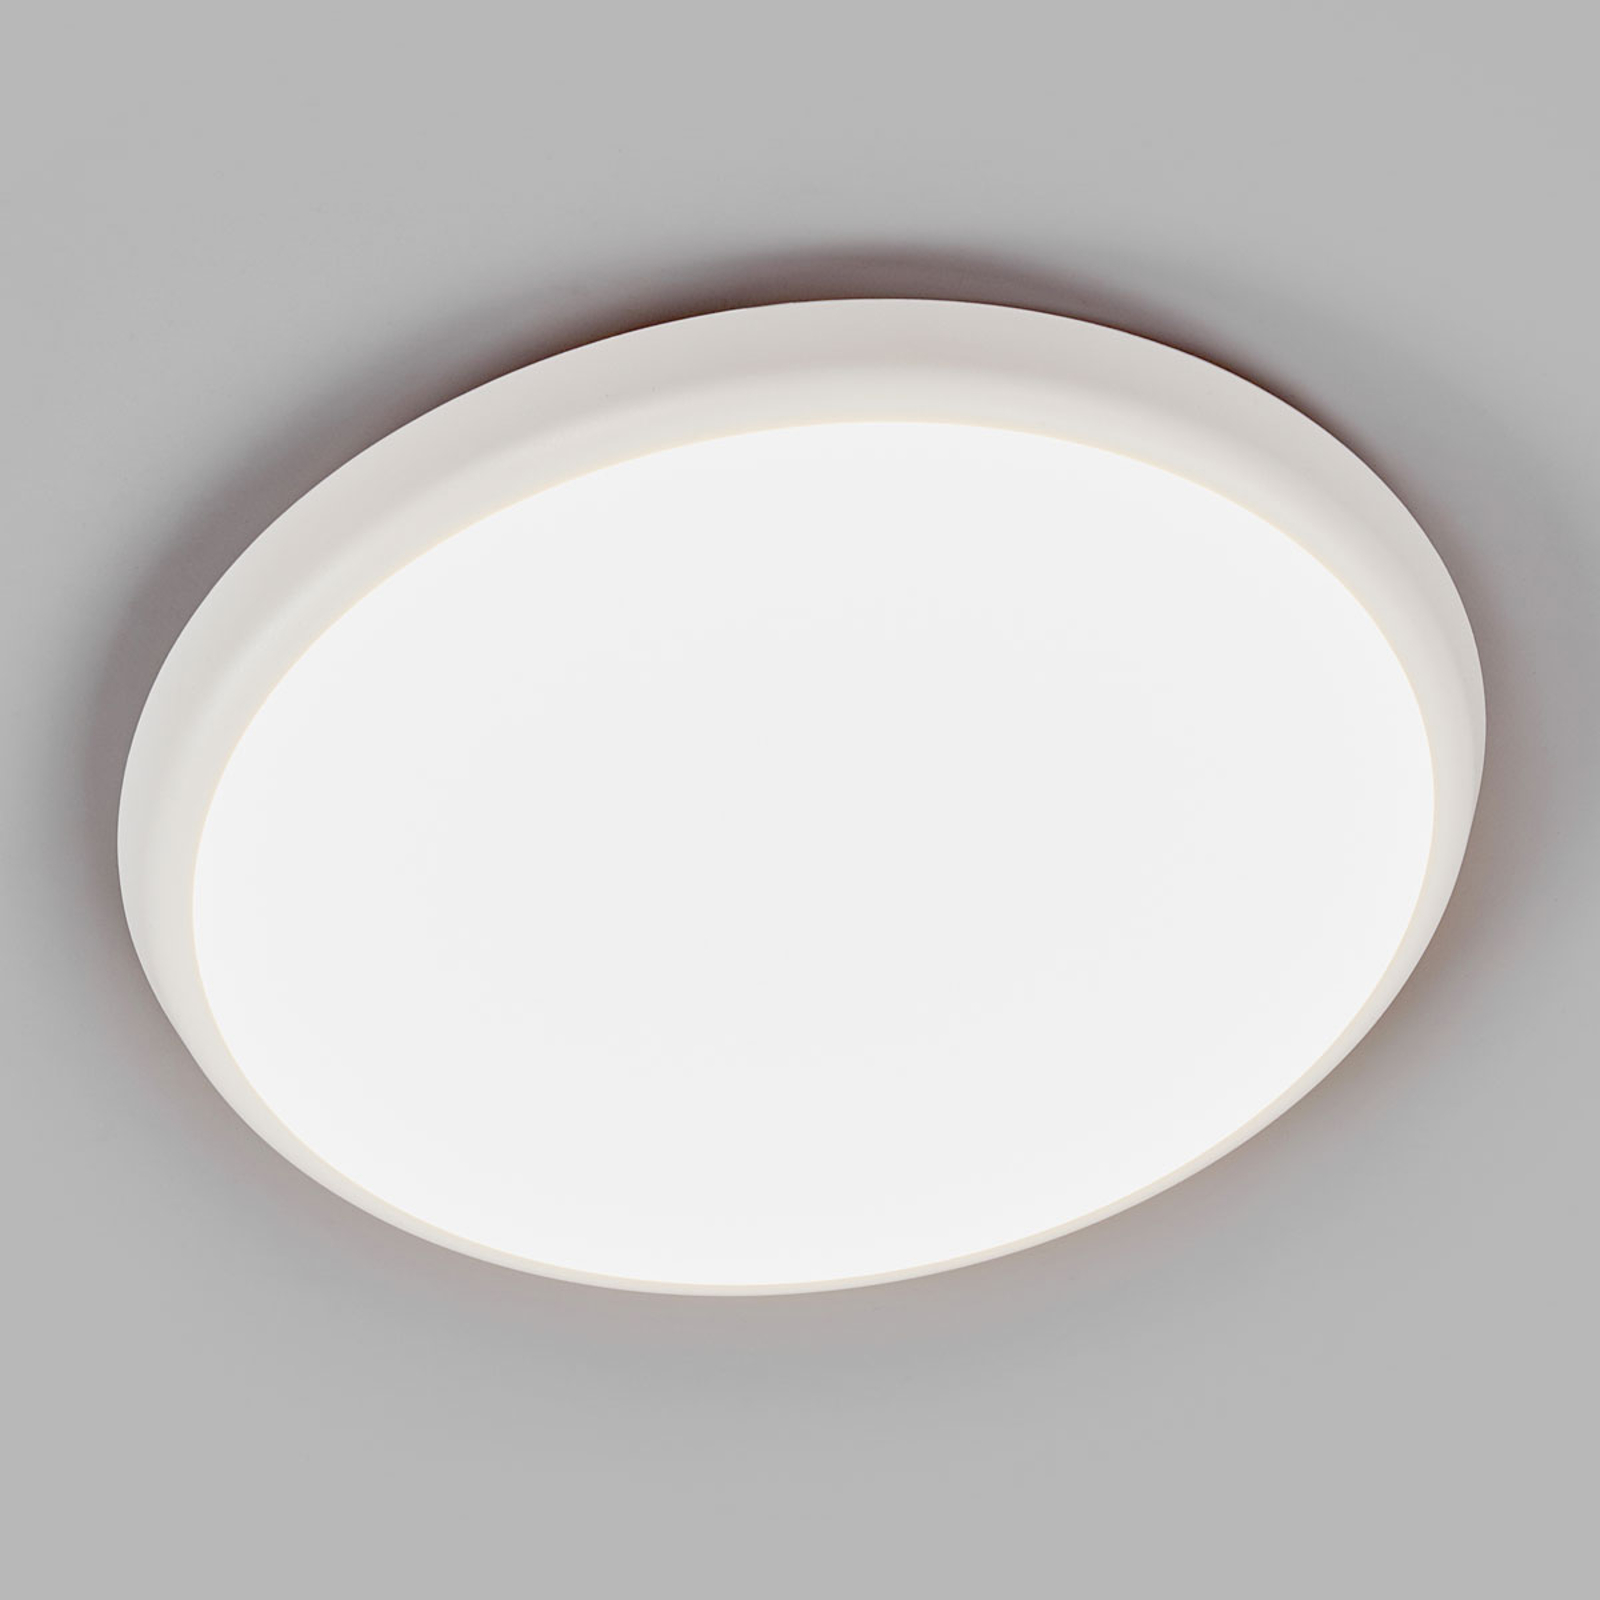 Jednoduché LED stropní svítidlo Augustin, 30 cm